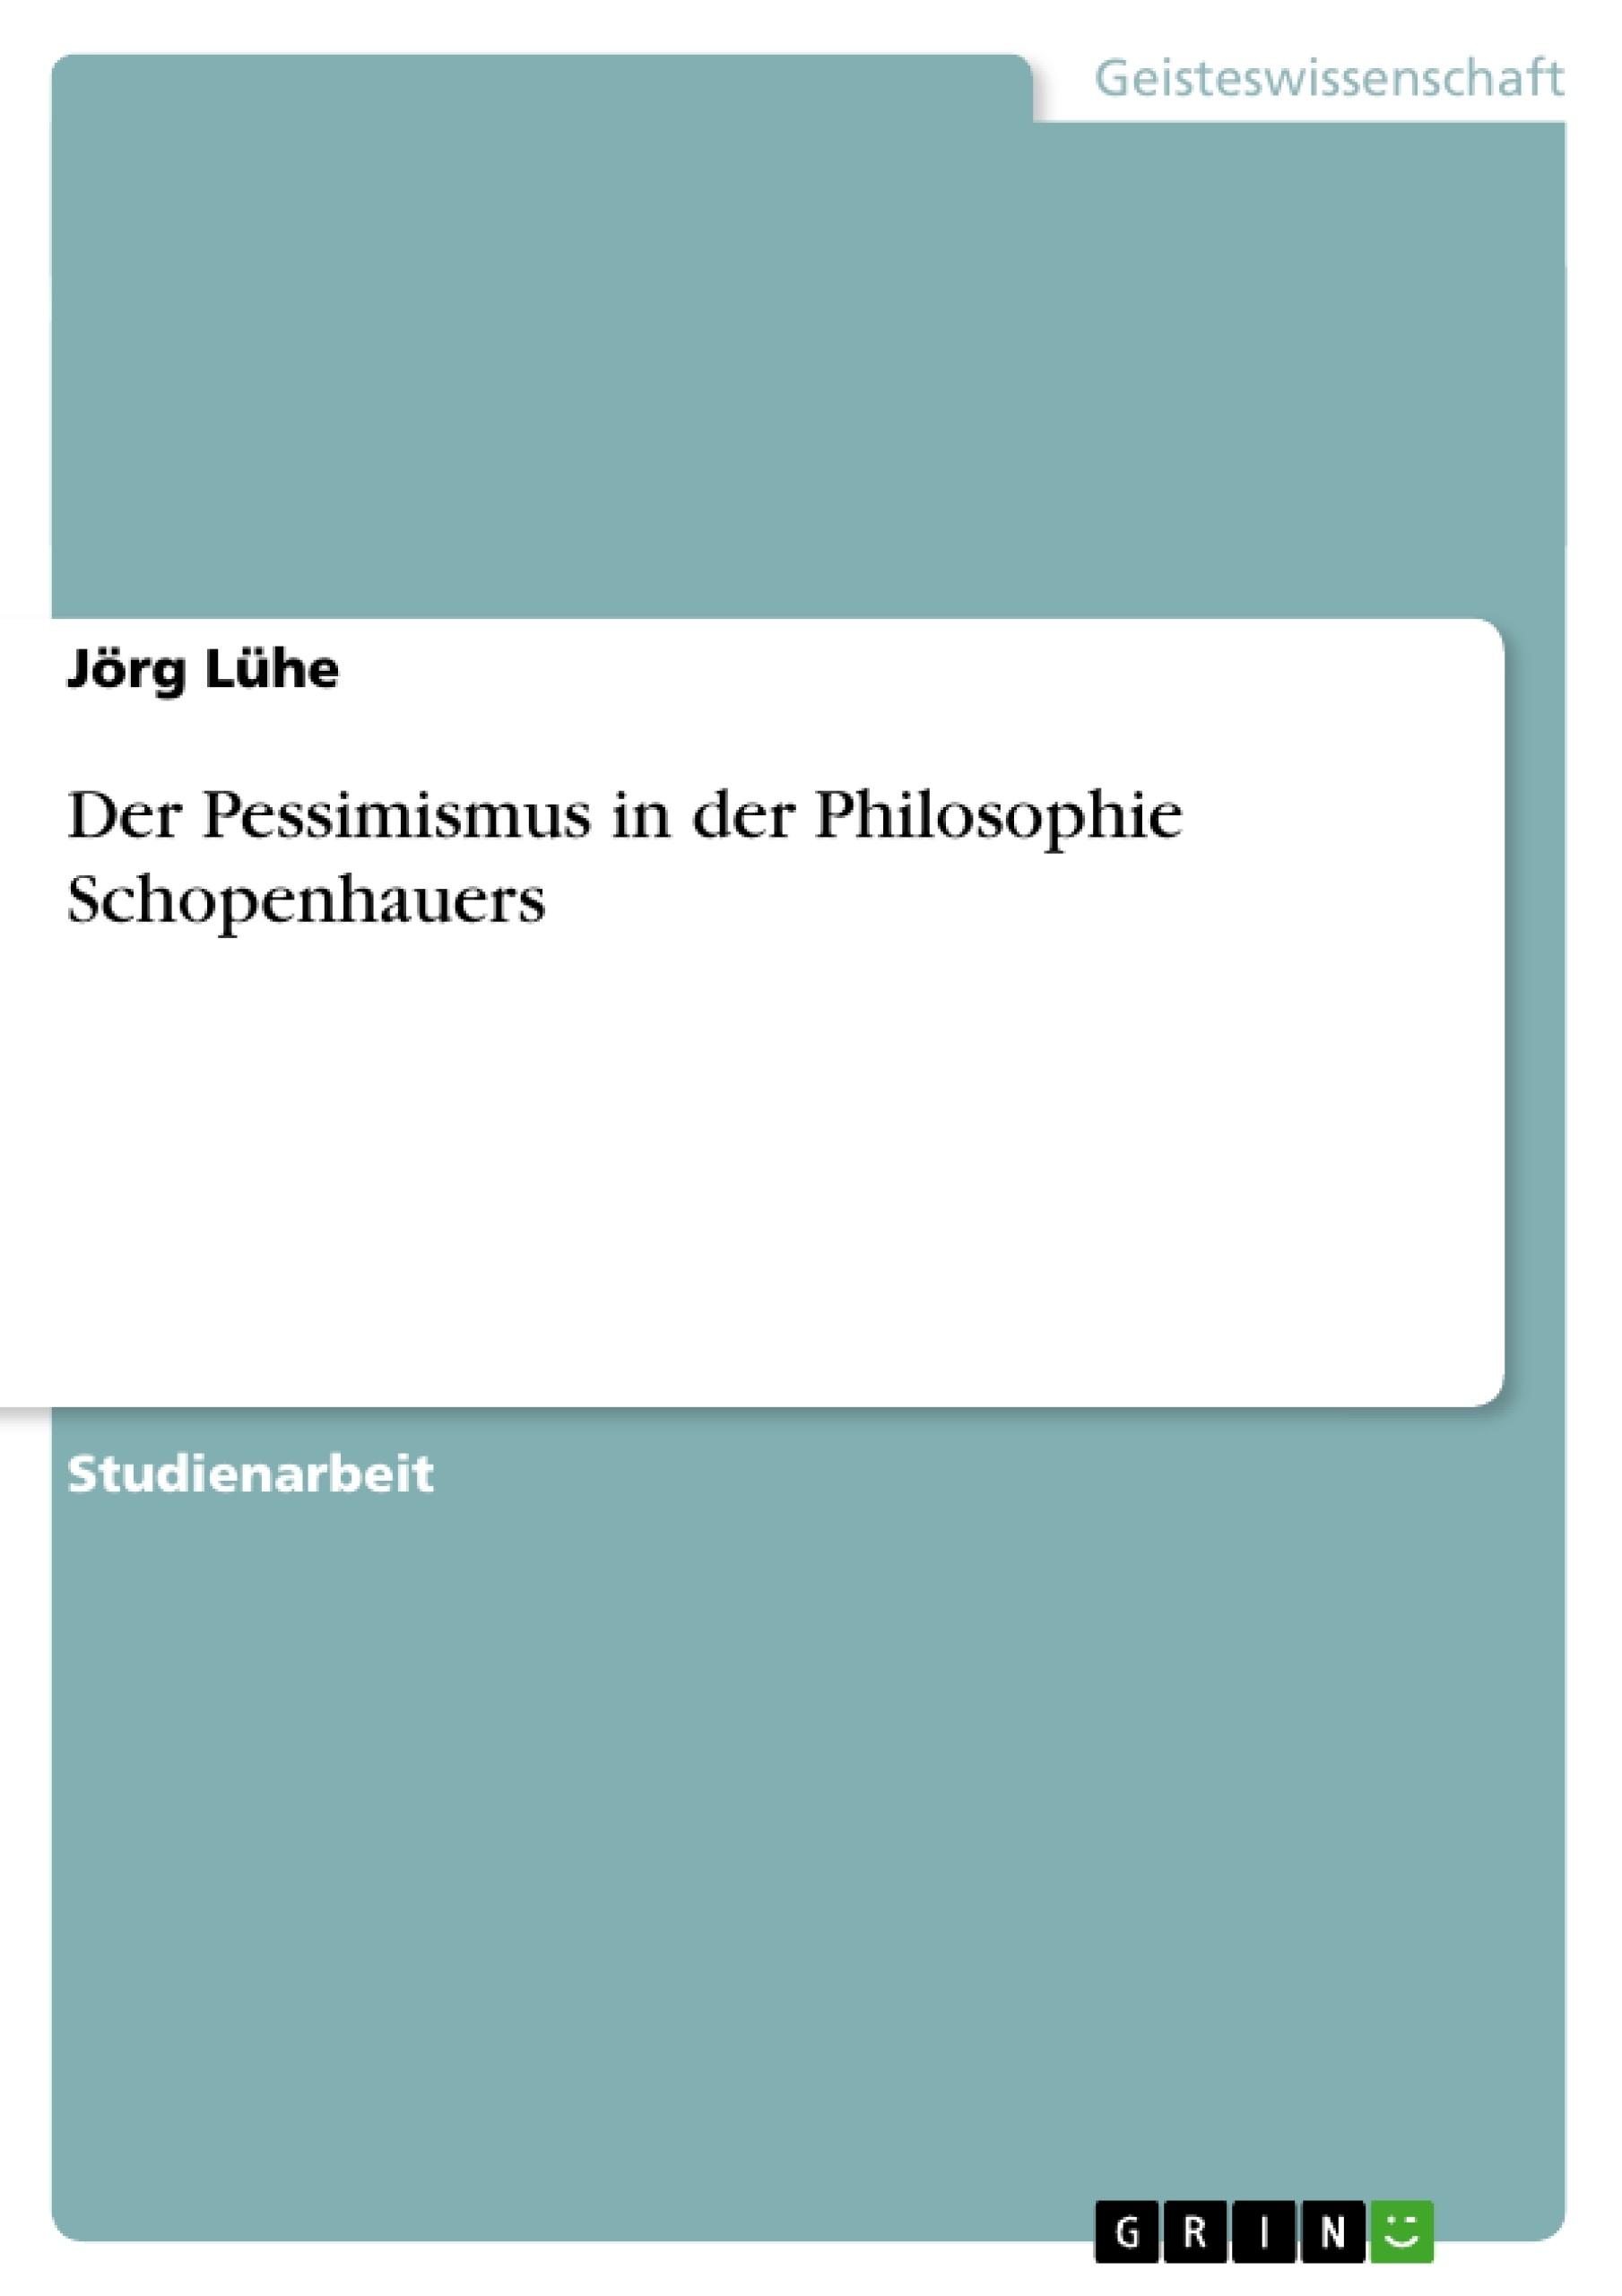 Titel: Der Pessimismus in der Philosophie Schopenhauers